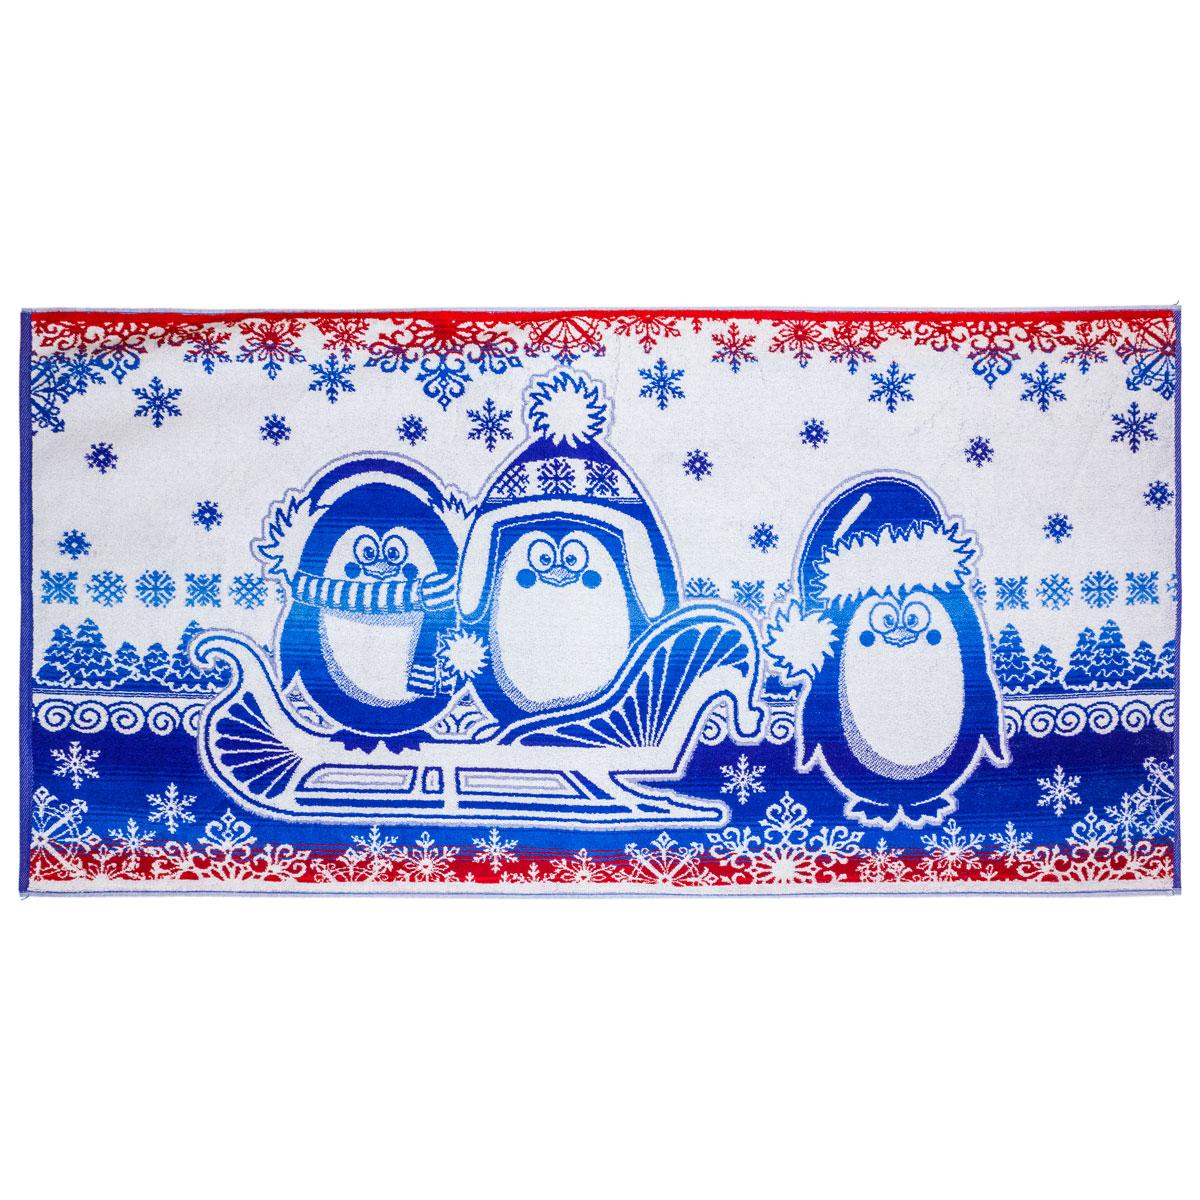 Полотенце  Хлопок  р. 70х140 - Текстиль для дома артикул: 29875